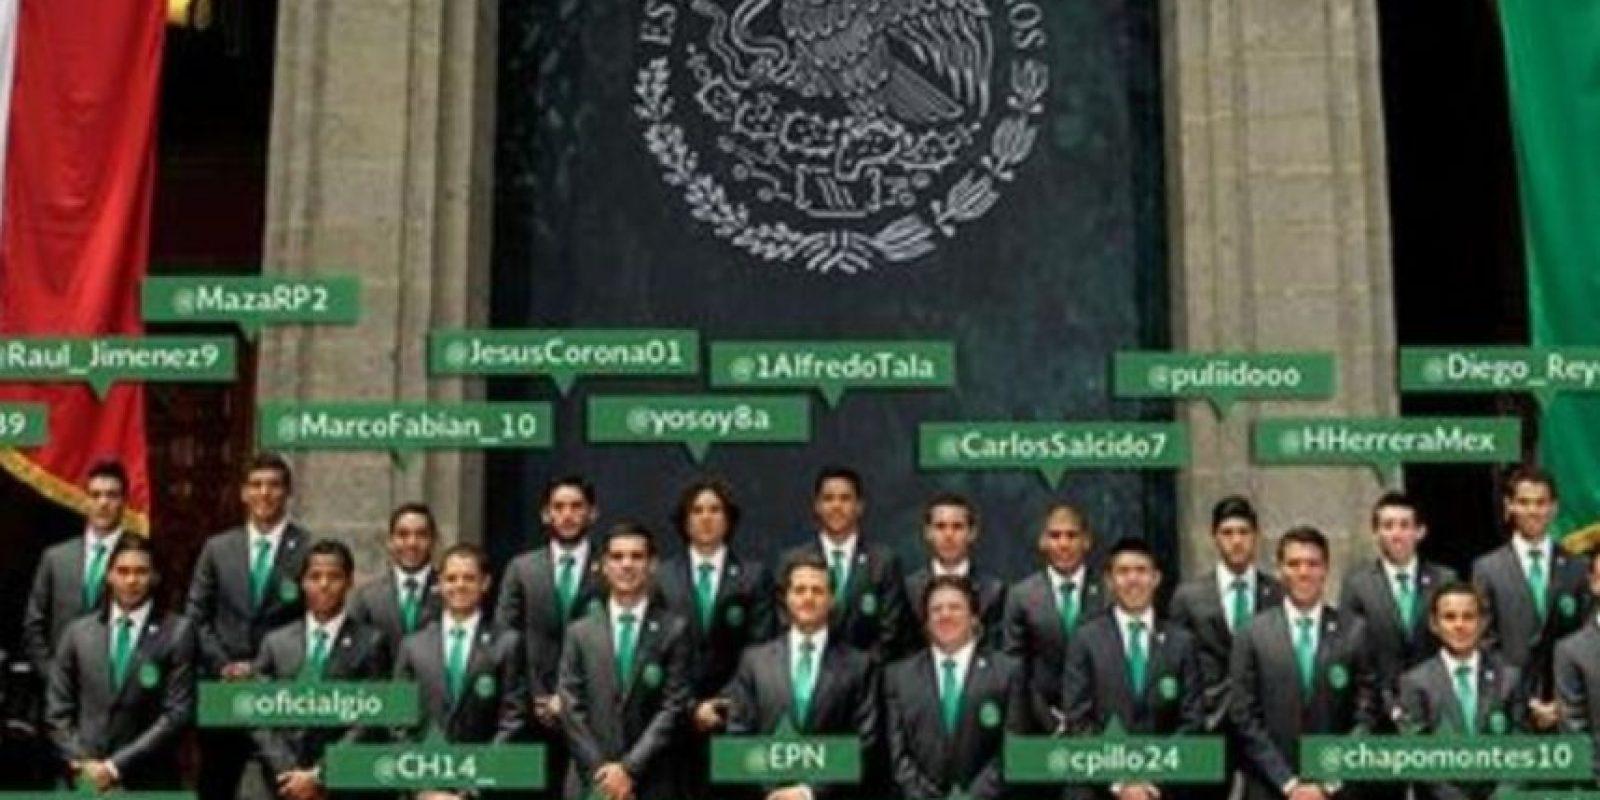 Peña Nieto deseó suerte a la Selección mexicana antes del Mundial 2014. Foto:twitter.com/EPN